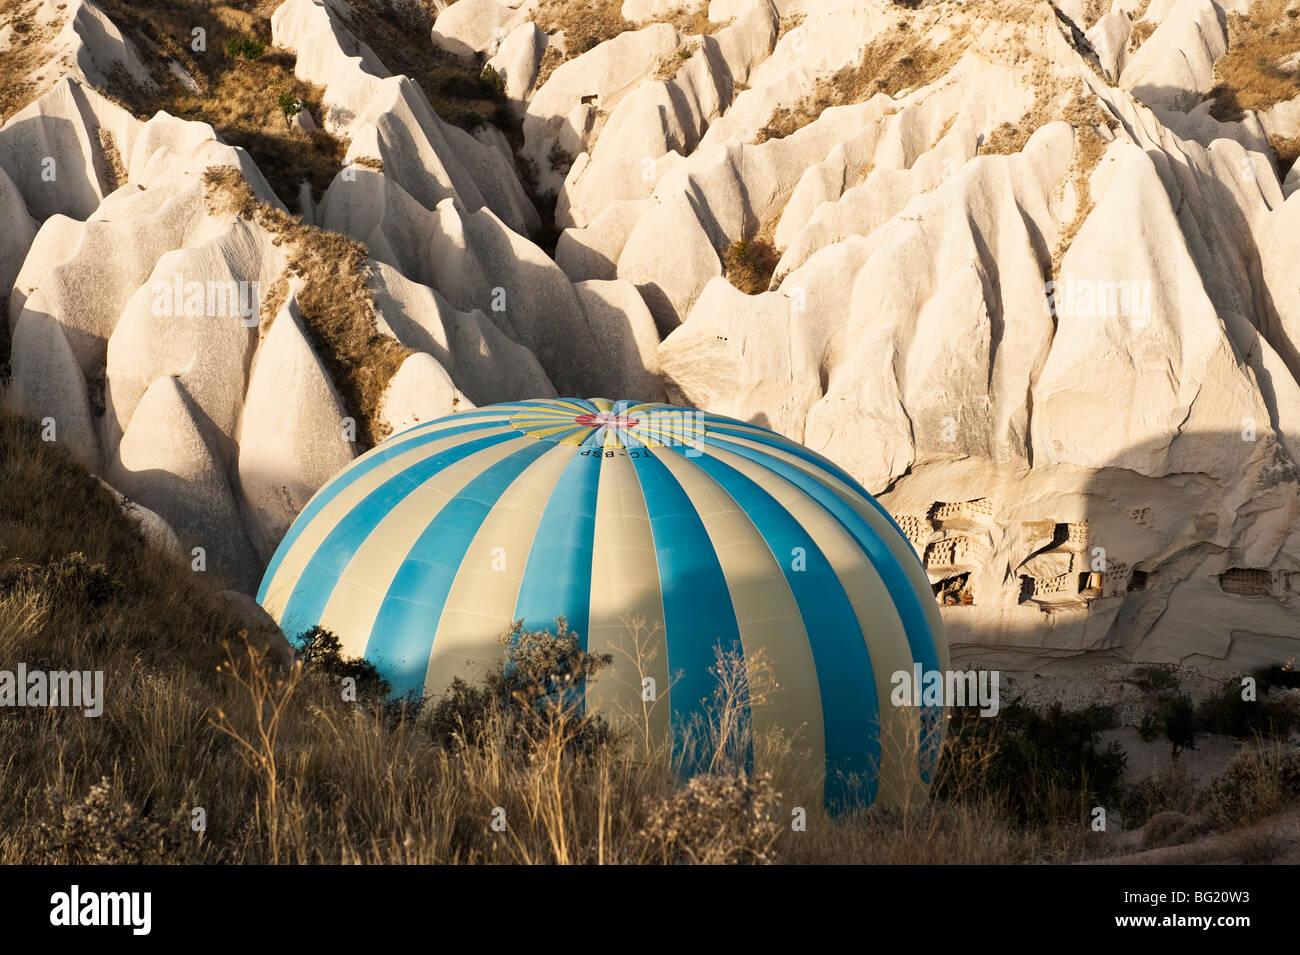 En globo de aire caliente en la provincia de Nevsehir, Cappadocia, Turquía con globos Kapadokya Imagen De Stock